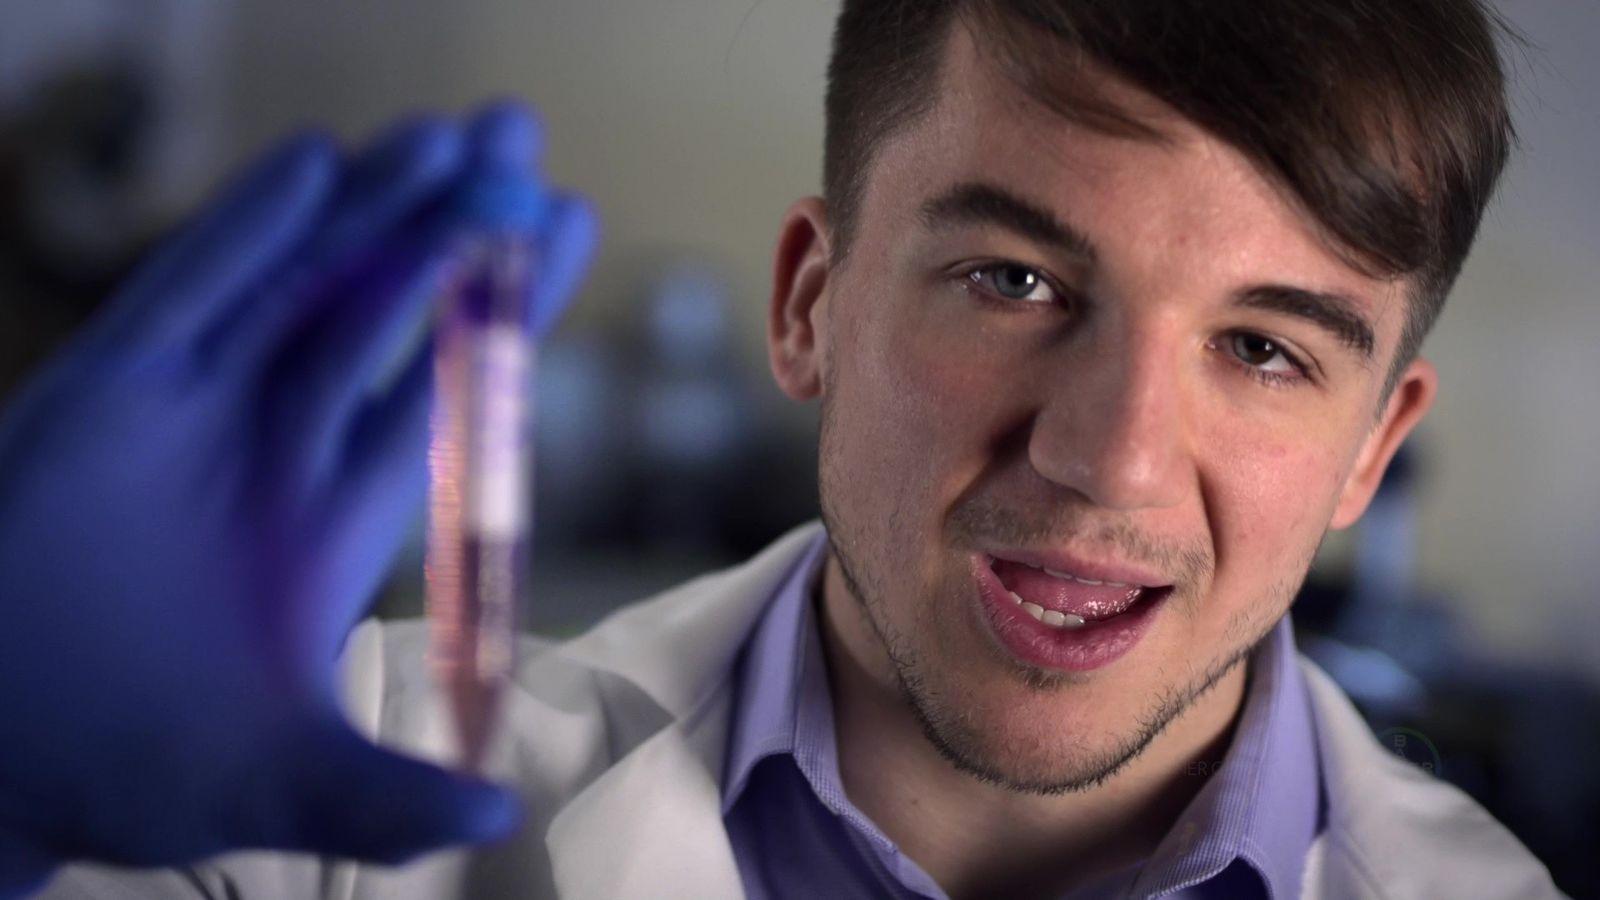 Genomforschung: Revolution in der Medizin?